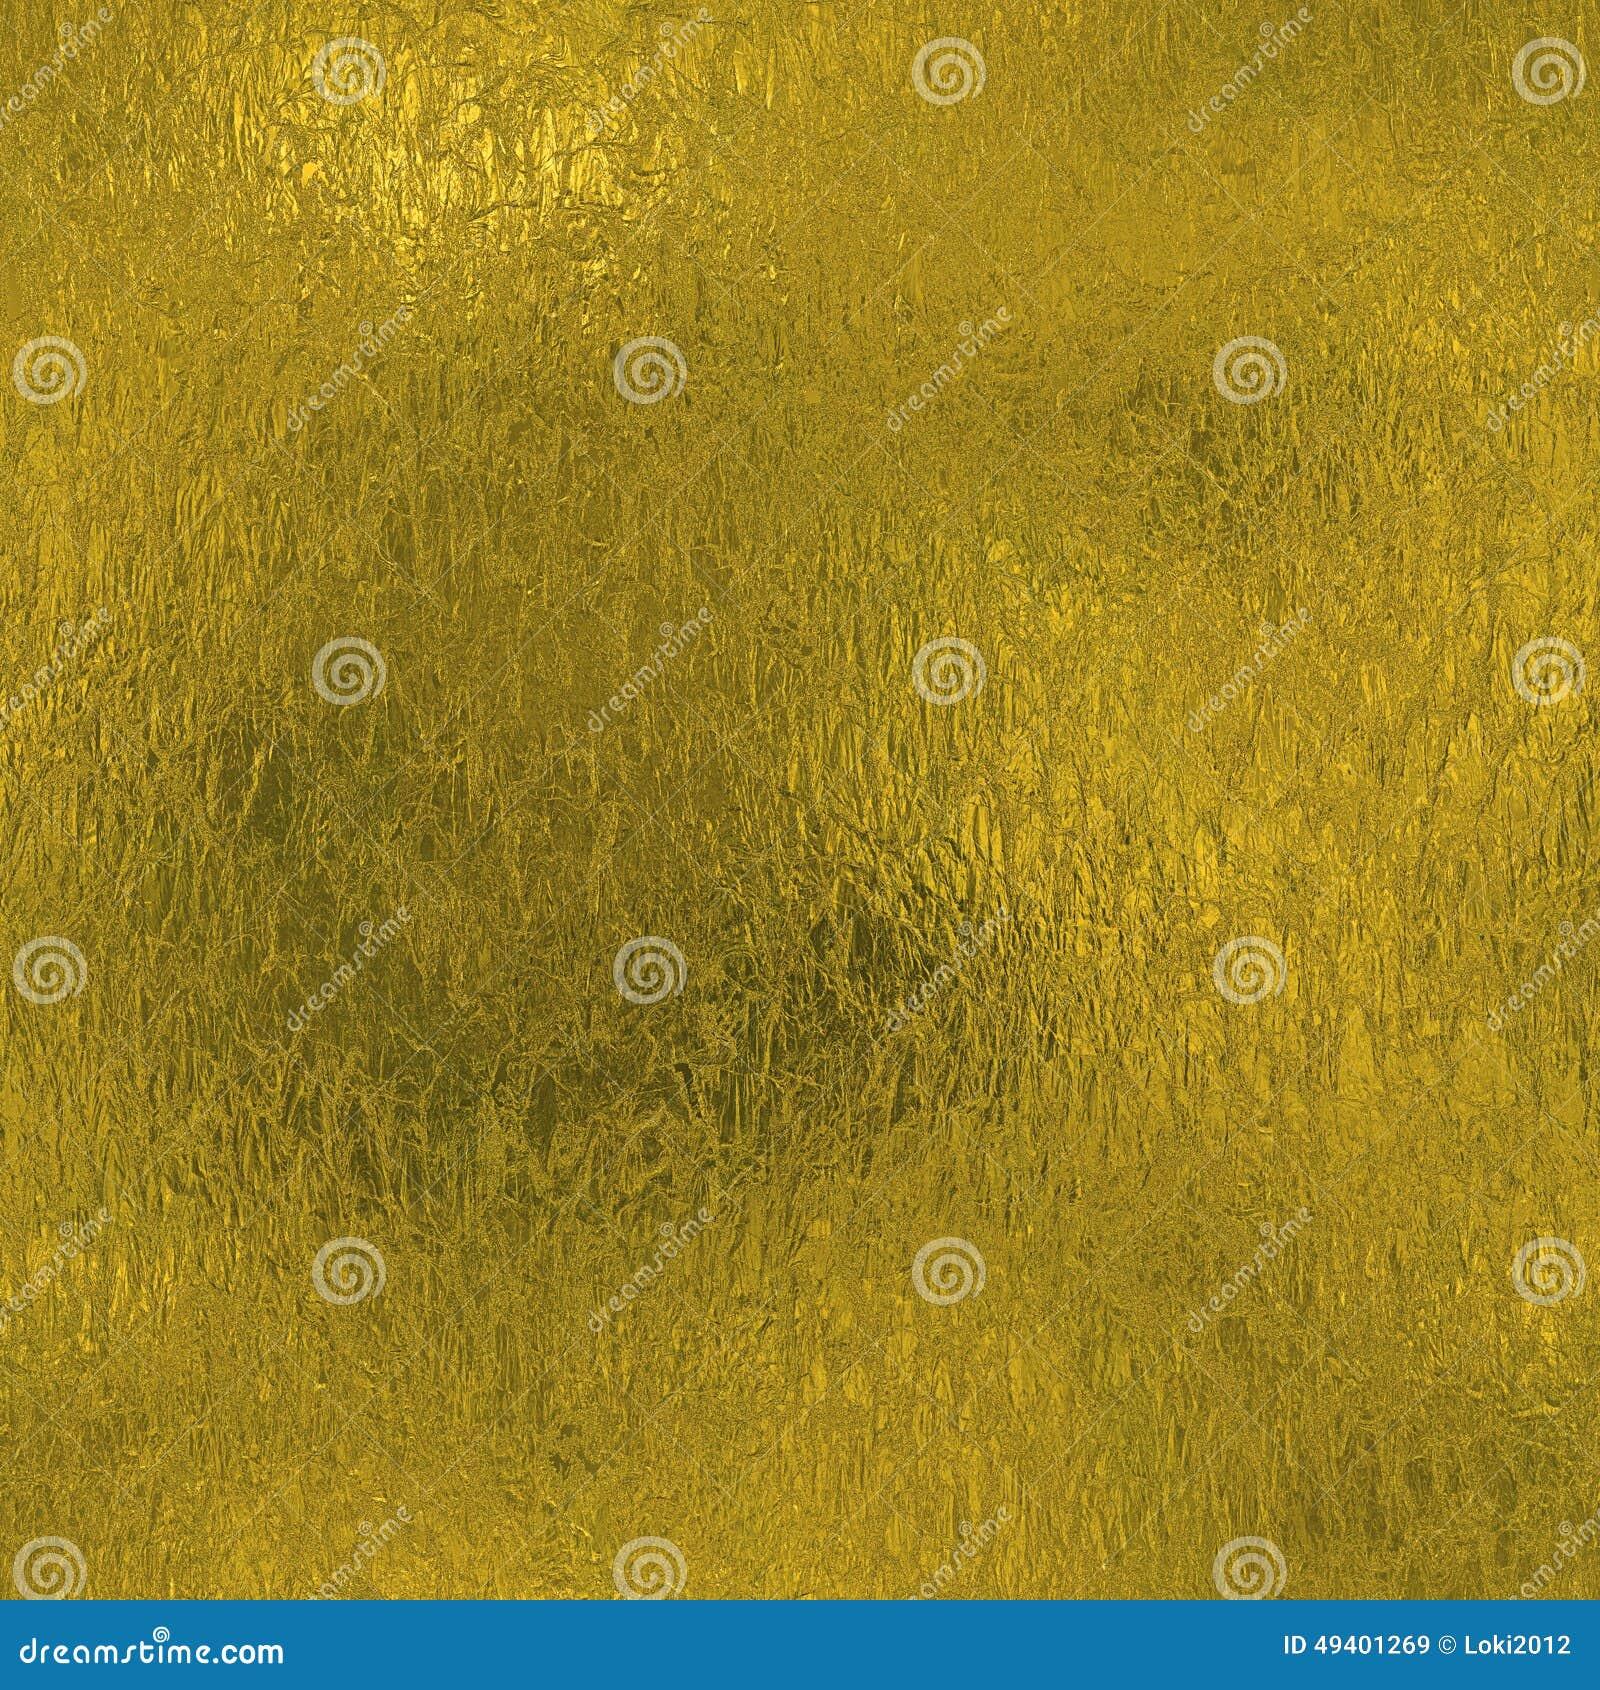 Download Goldene Folie Beschaffenheit Des Nahtlosen Und Tileable Luxushintergrundes Funkelnder Feiertag Geknitterter Goldhintergrund Stockbild - Bild von aluminium, metall: 49401269